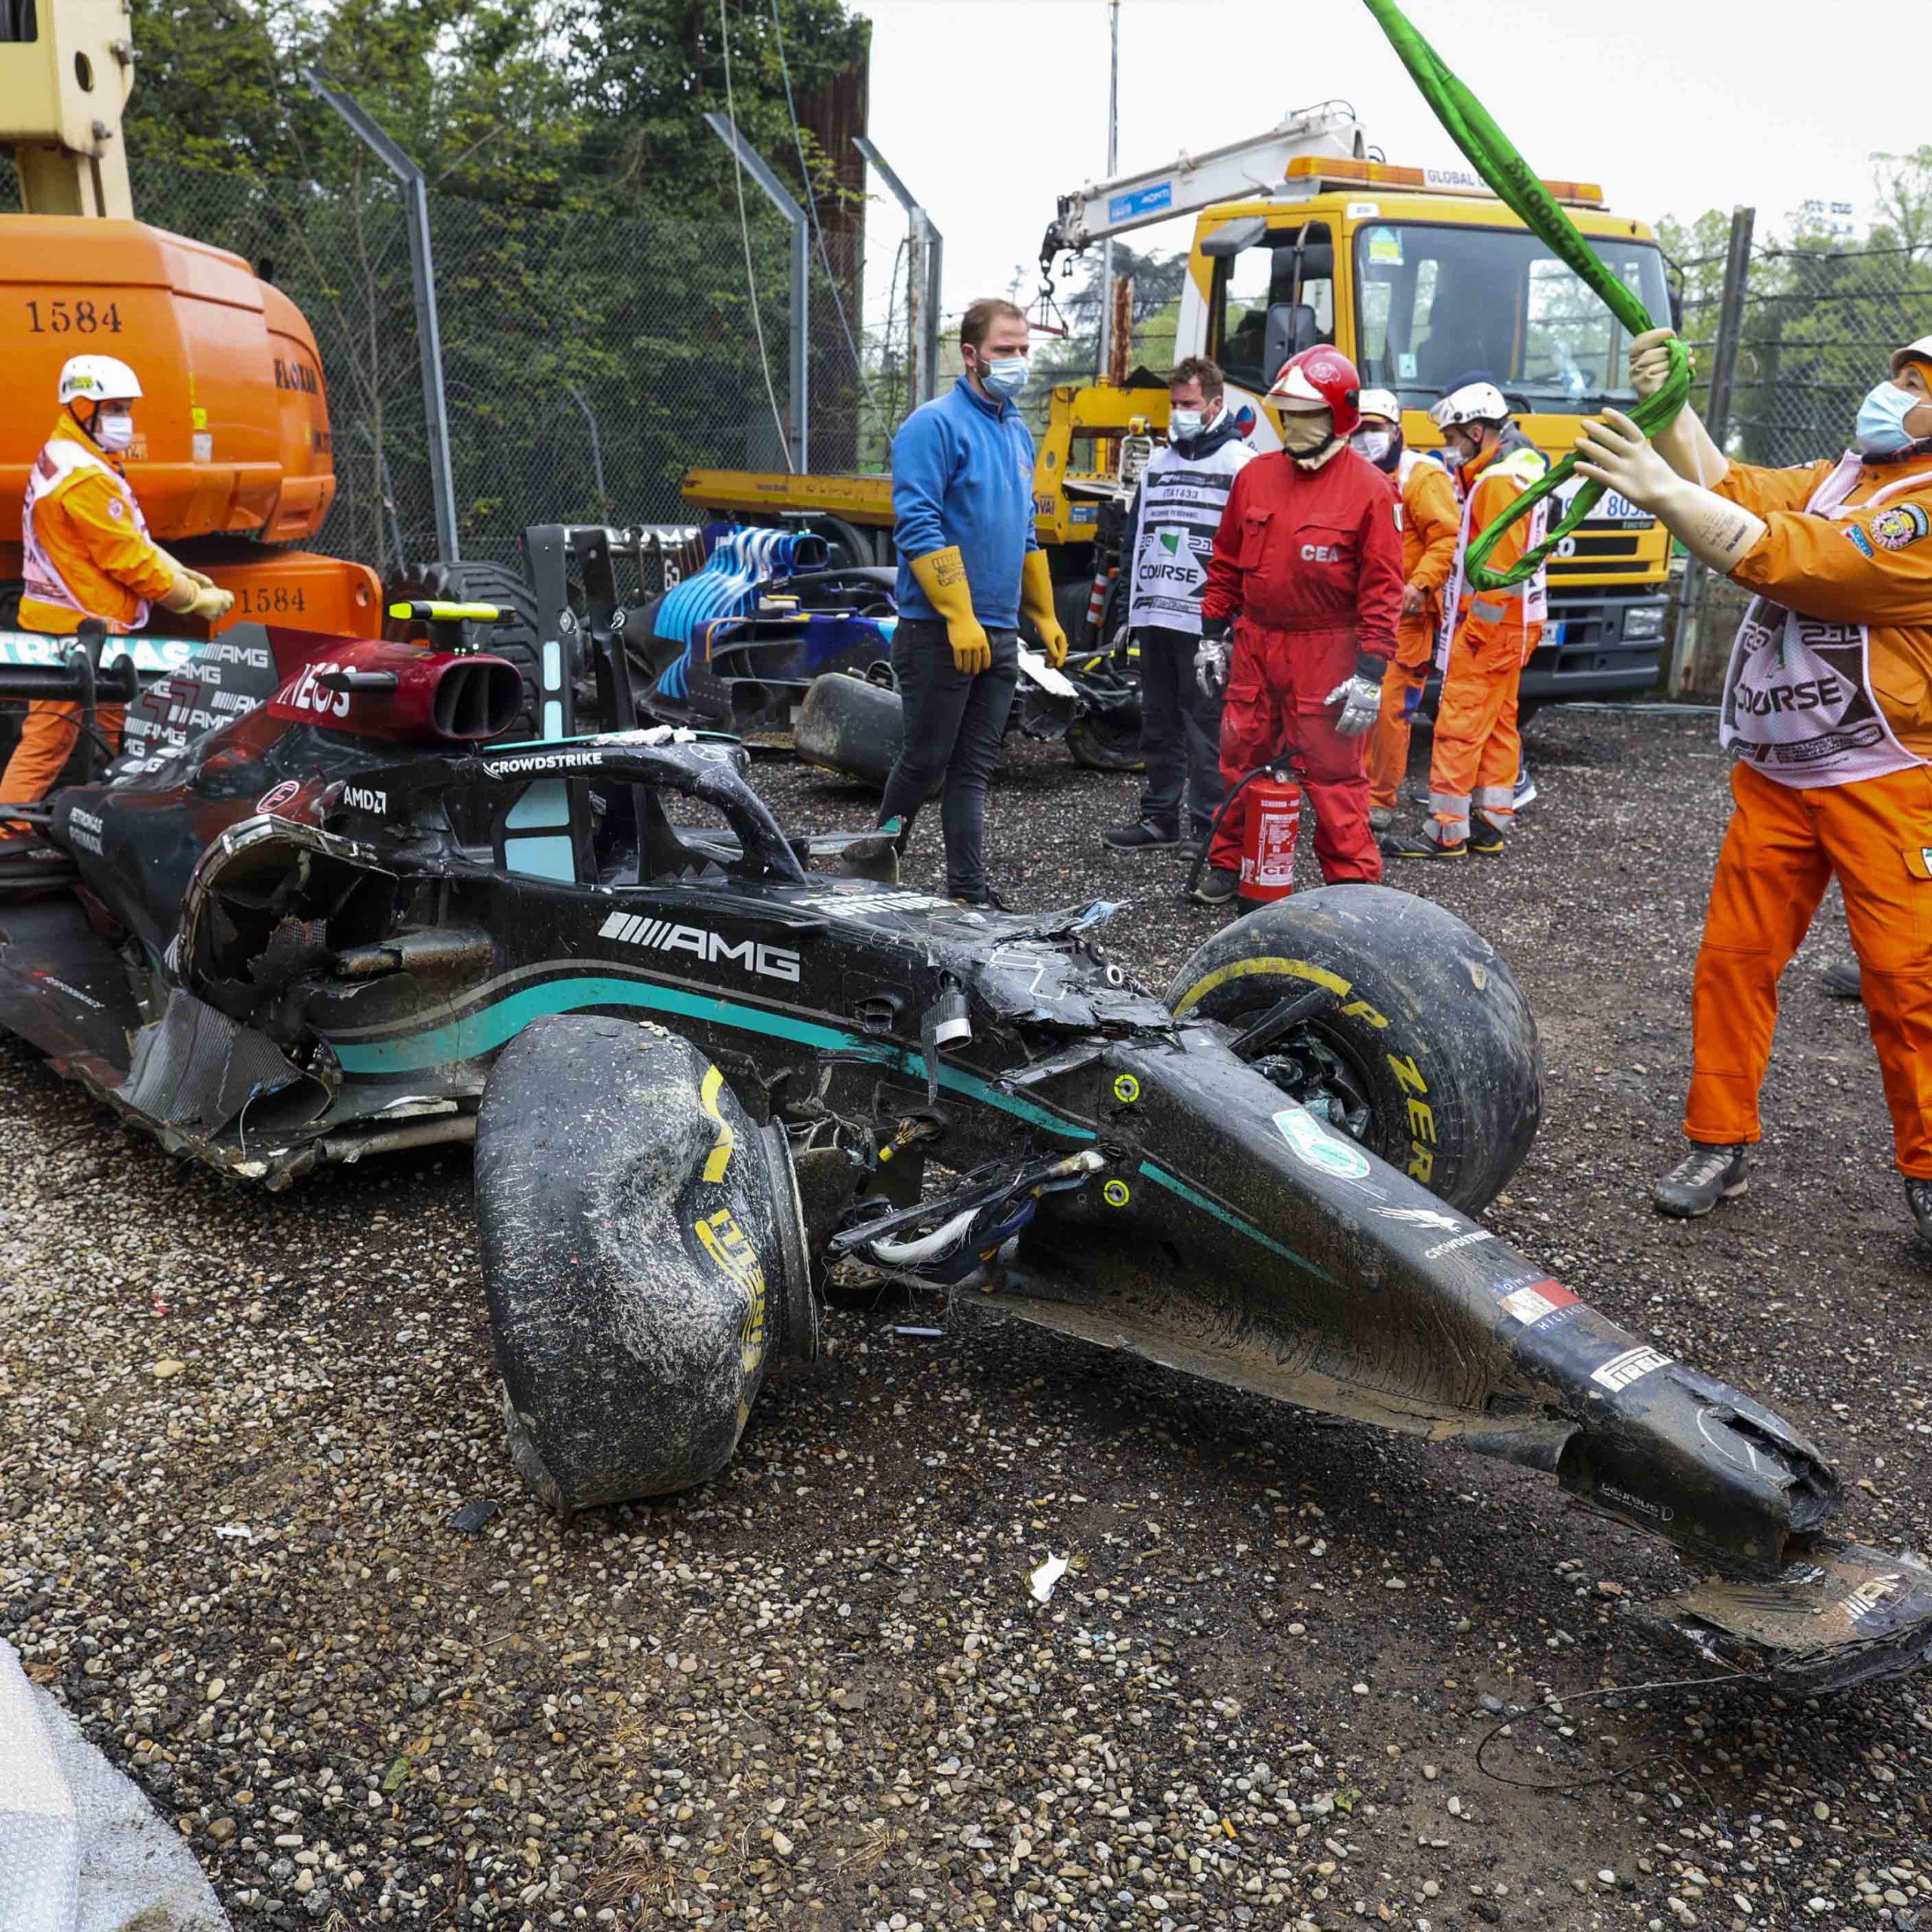 Mercedes of Valtteri Bottas after crashing out of the 2021 Emilia Romagna Grand Prix